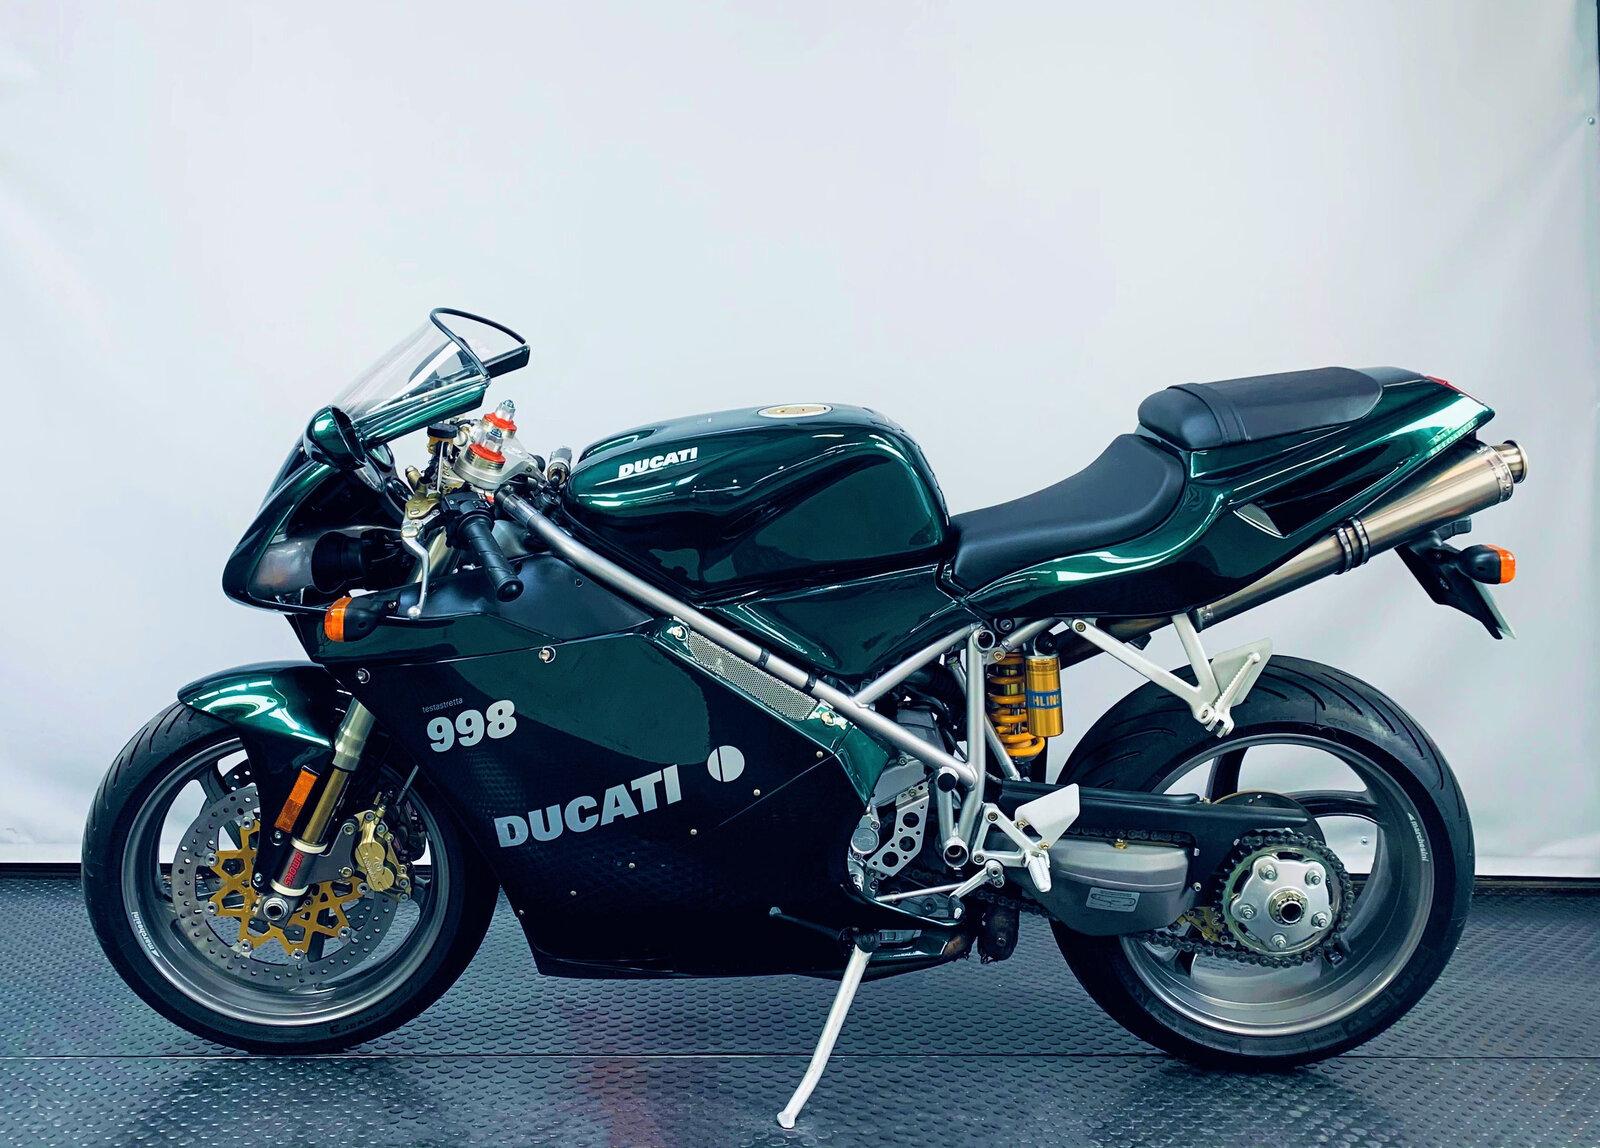 CE18F8A6-F6D6-4F96-84ED-A26CF7352984.jpeg